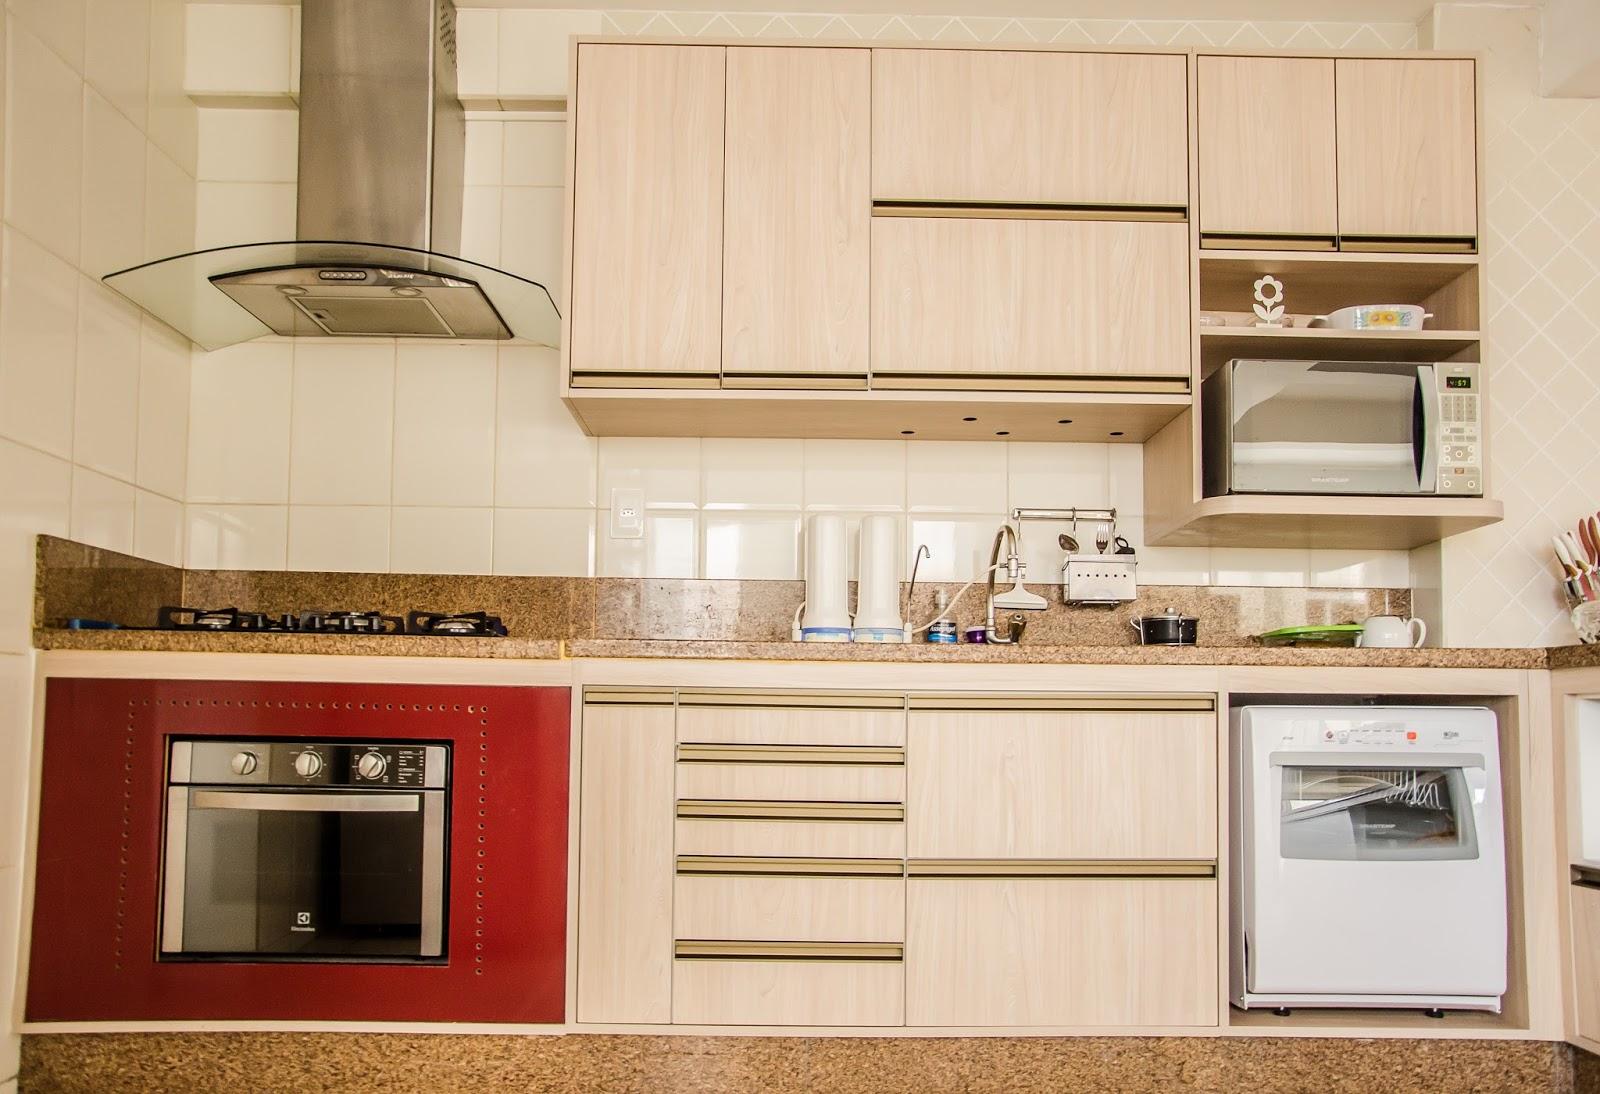 Mini Cozinha Planejada Cozinha Planejada With Mini Cozinha